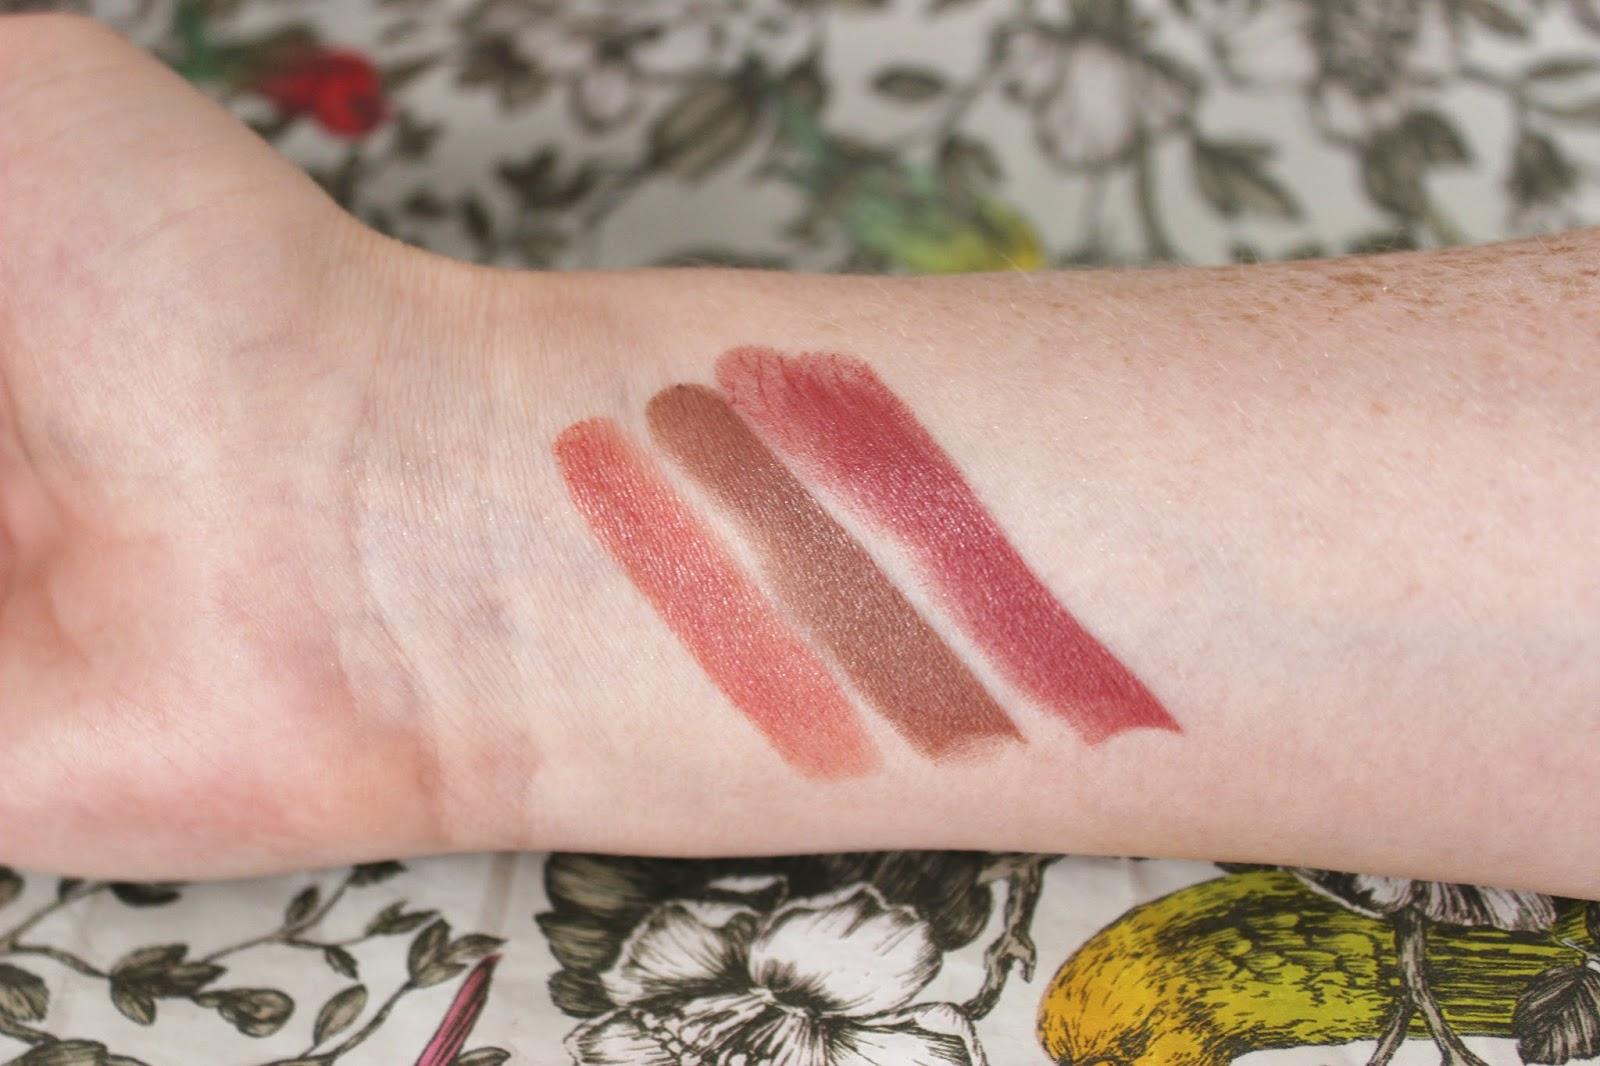 Illamasqua glamore nude Cherub, Buff and Mix lipstick swatches